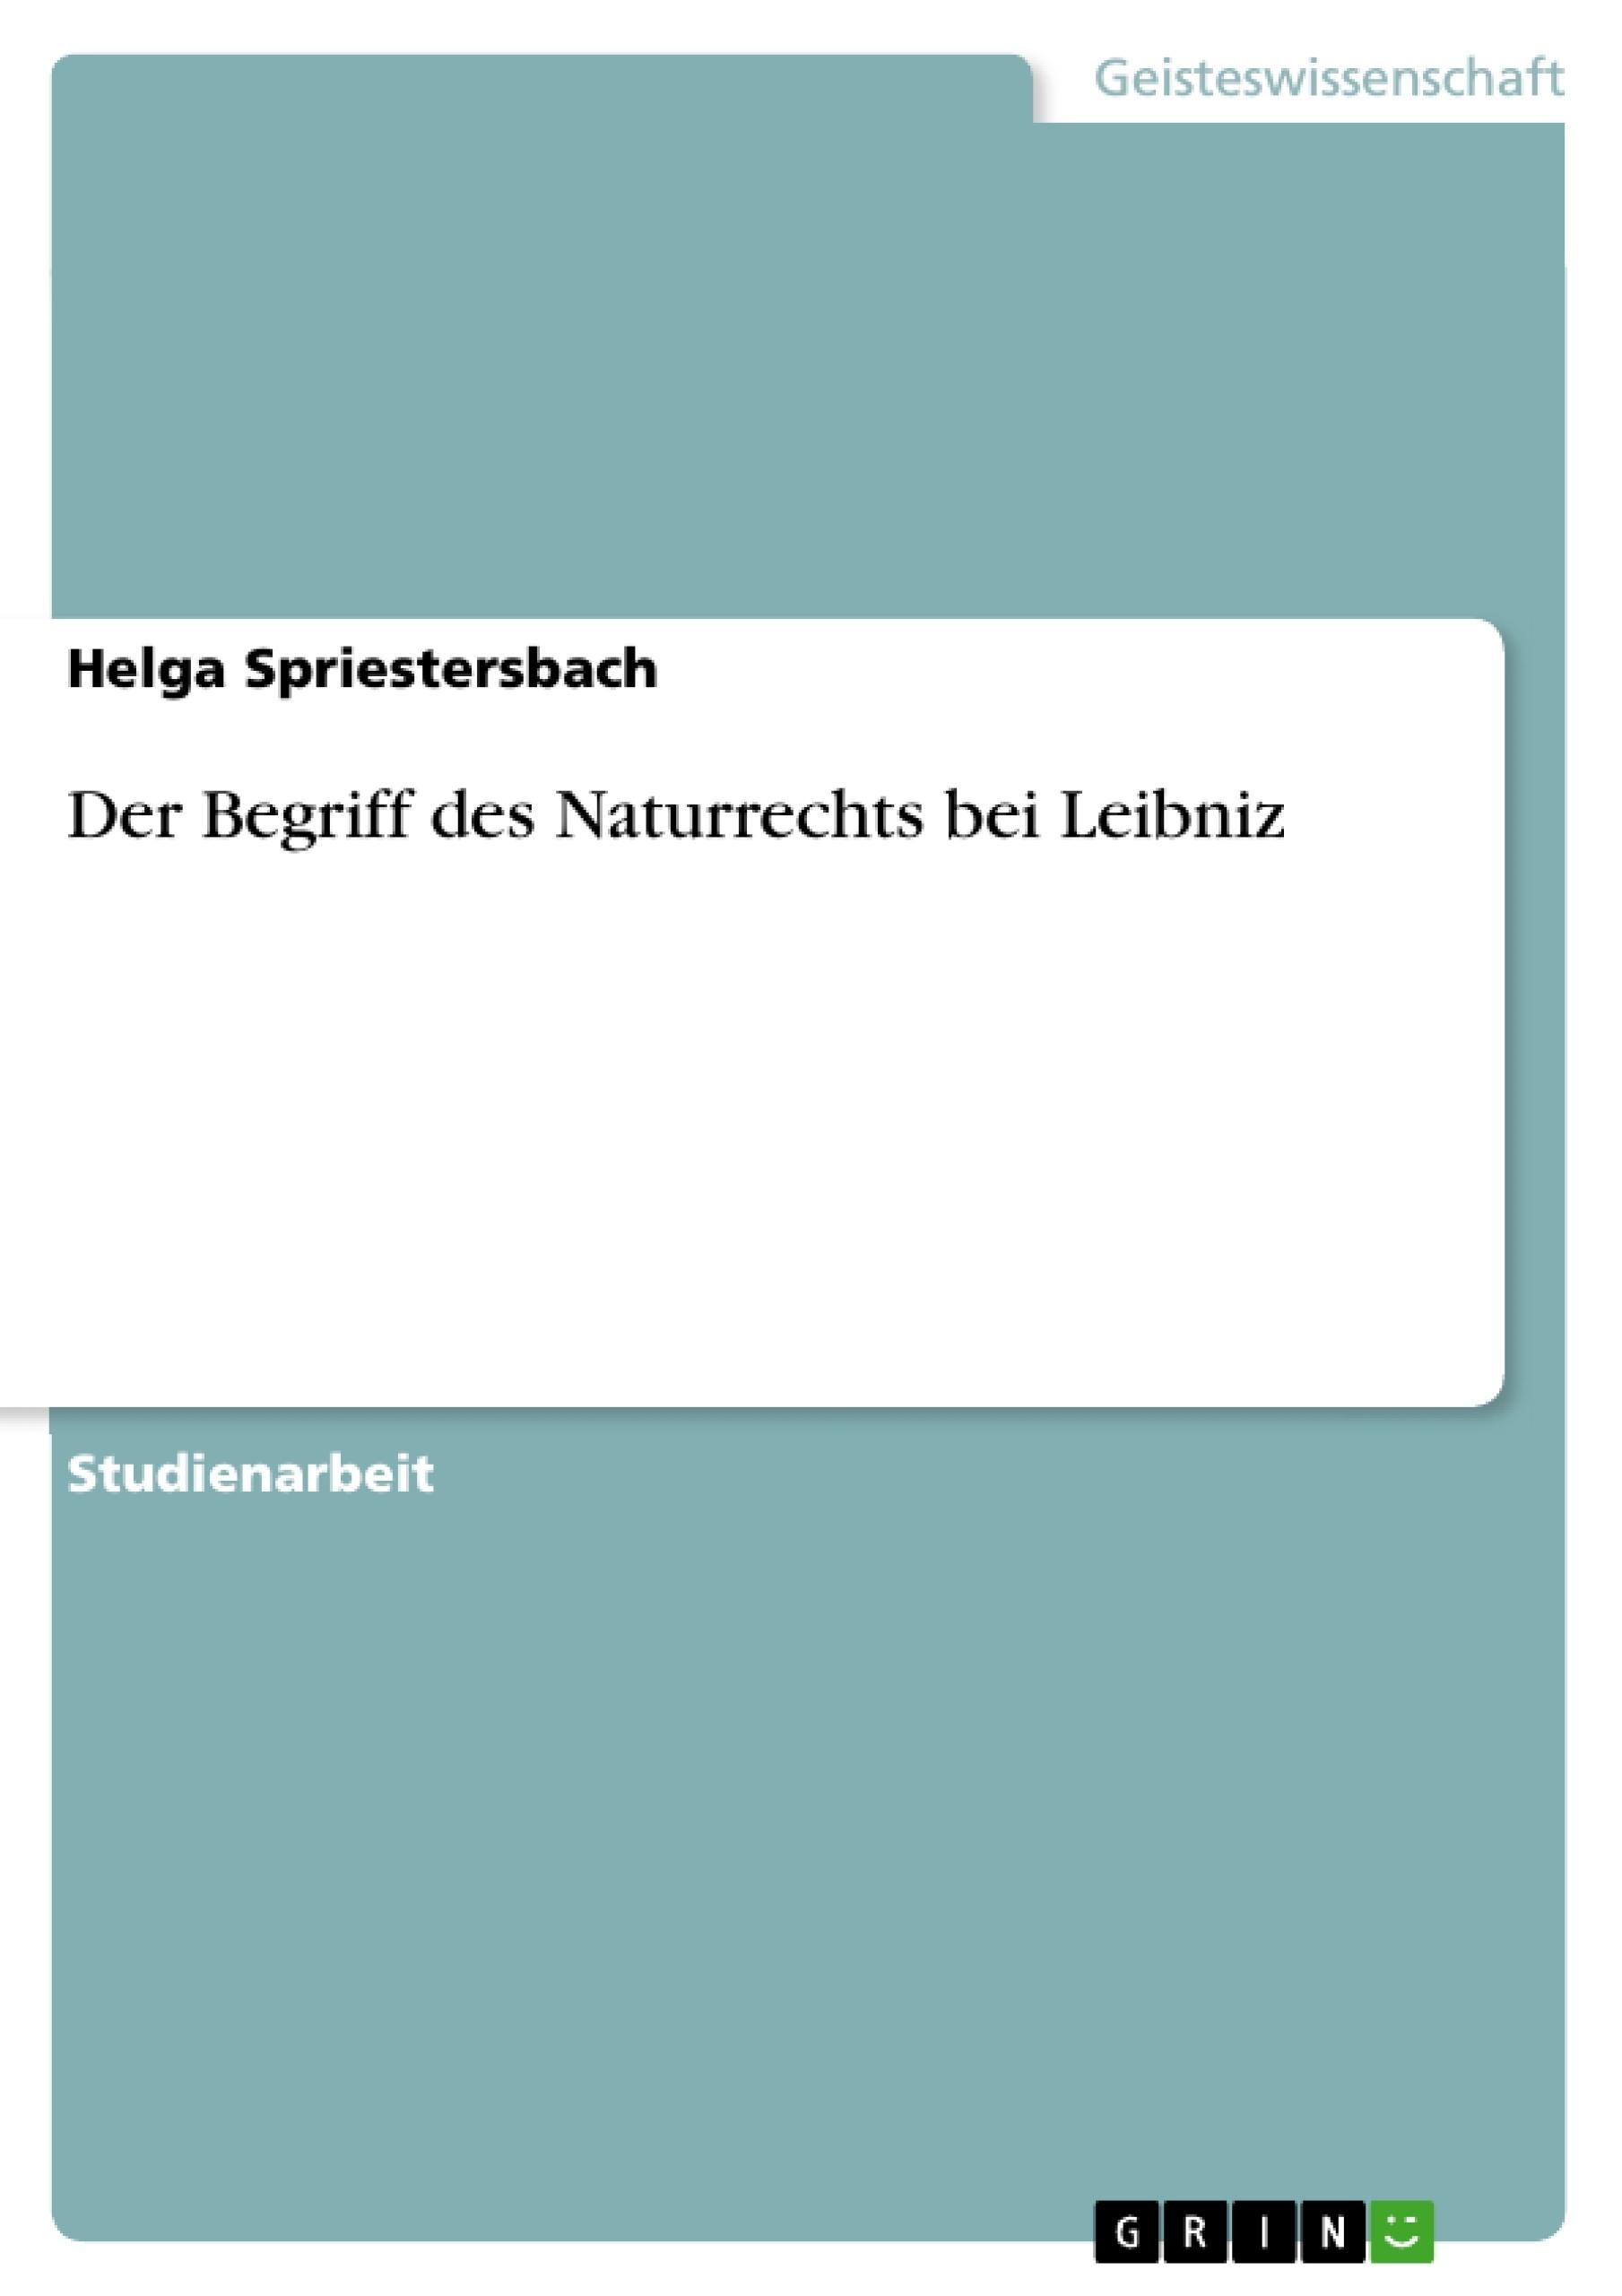 Titel: Der Begriff des Naturrechts bei Leibniz